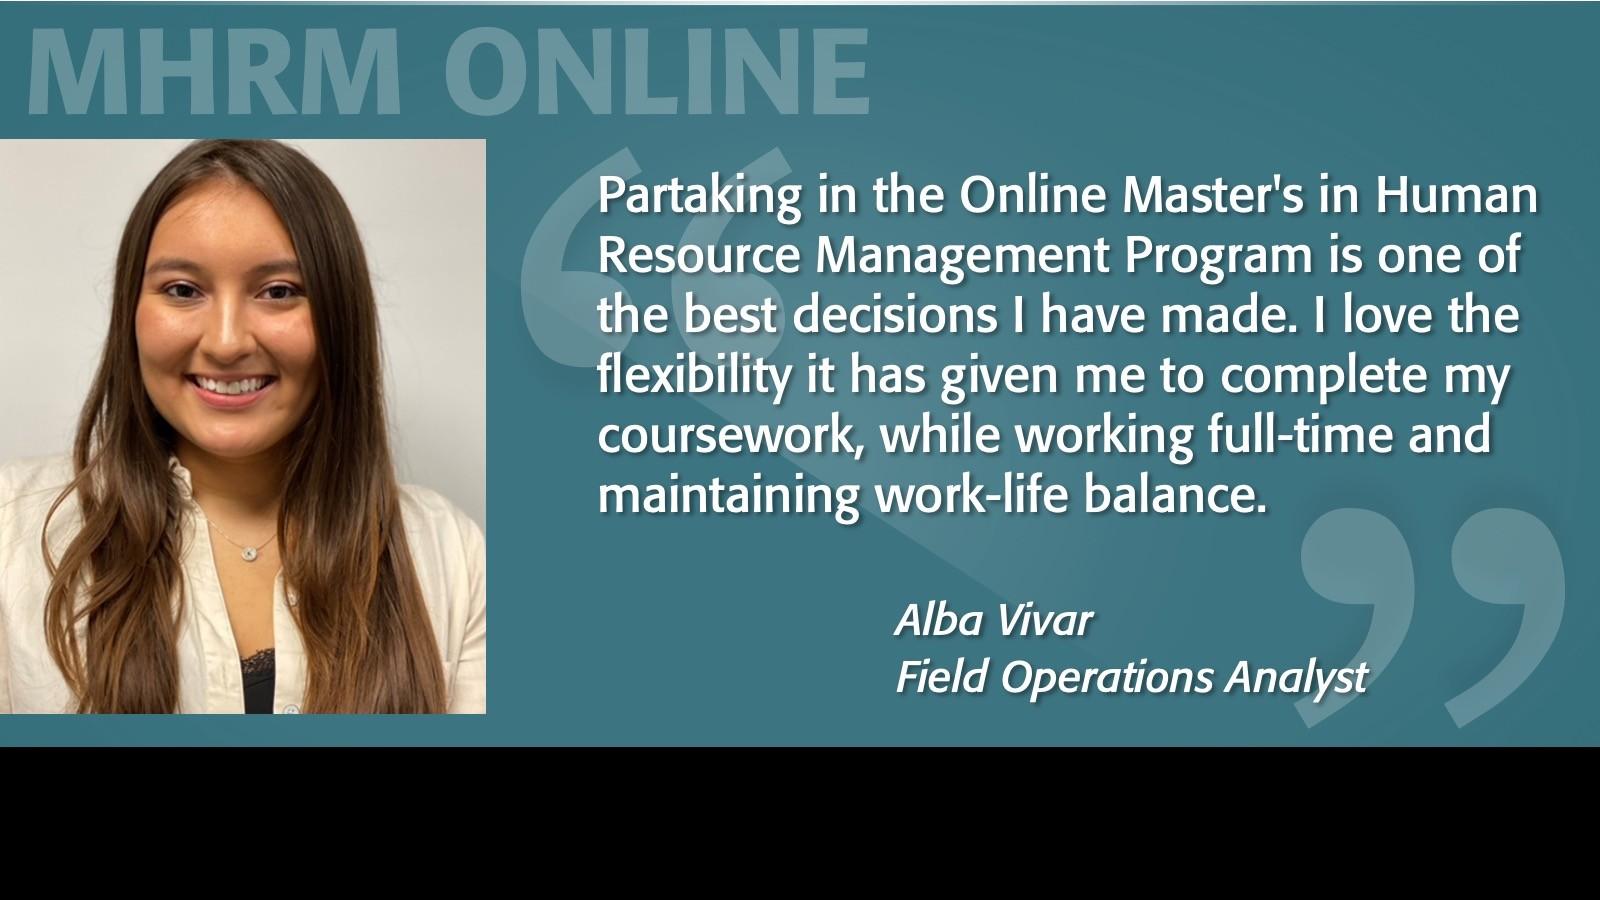 Image of Alba Vivar Testimonial MHRM Online Program